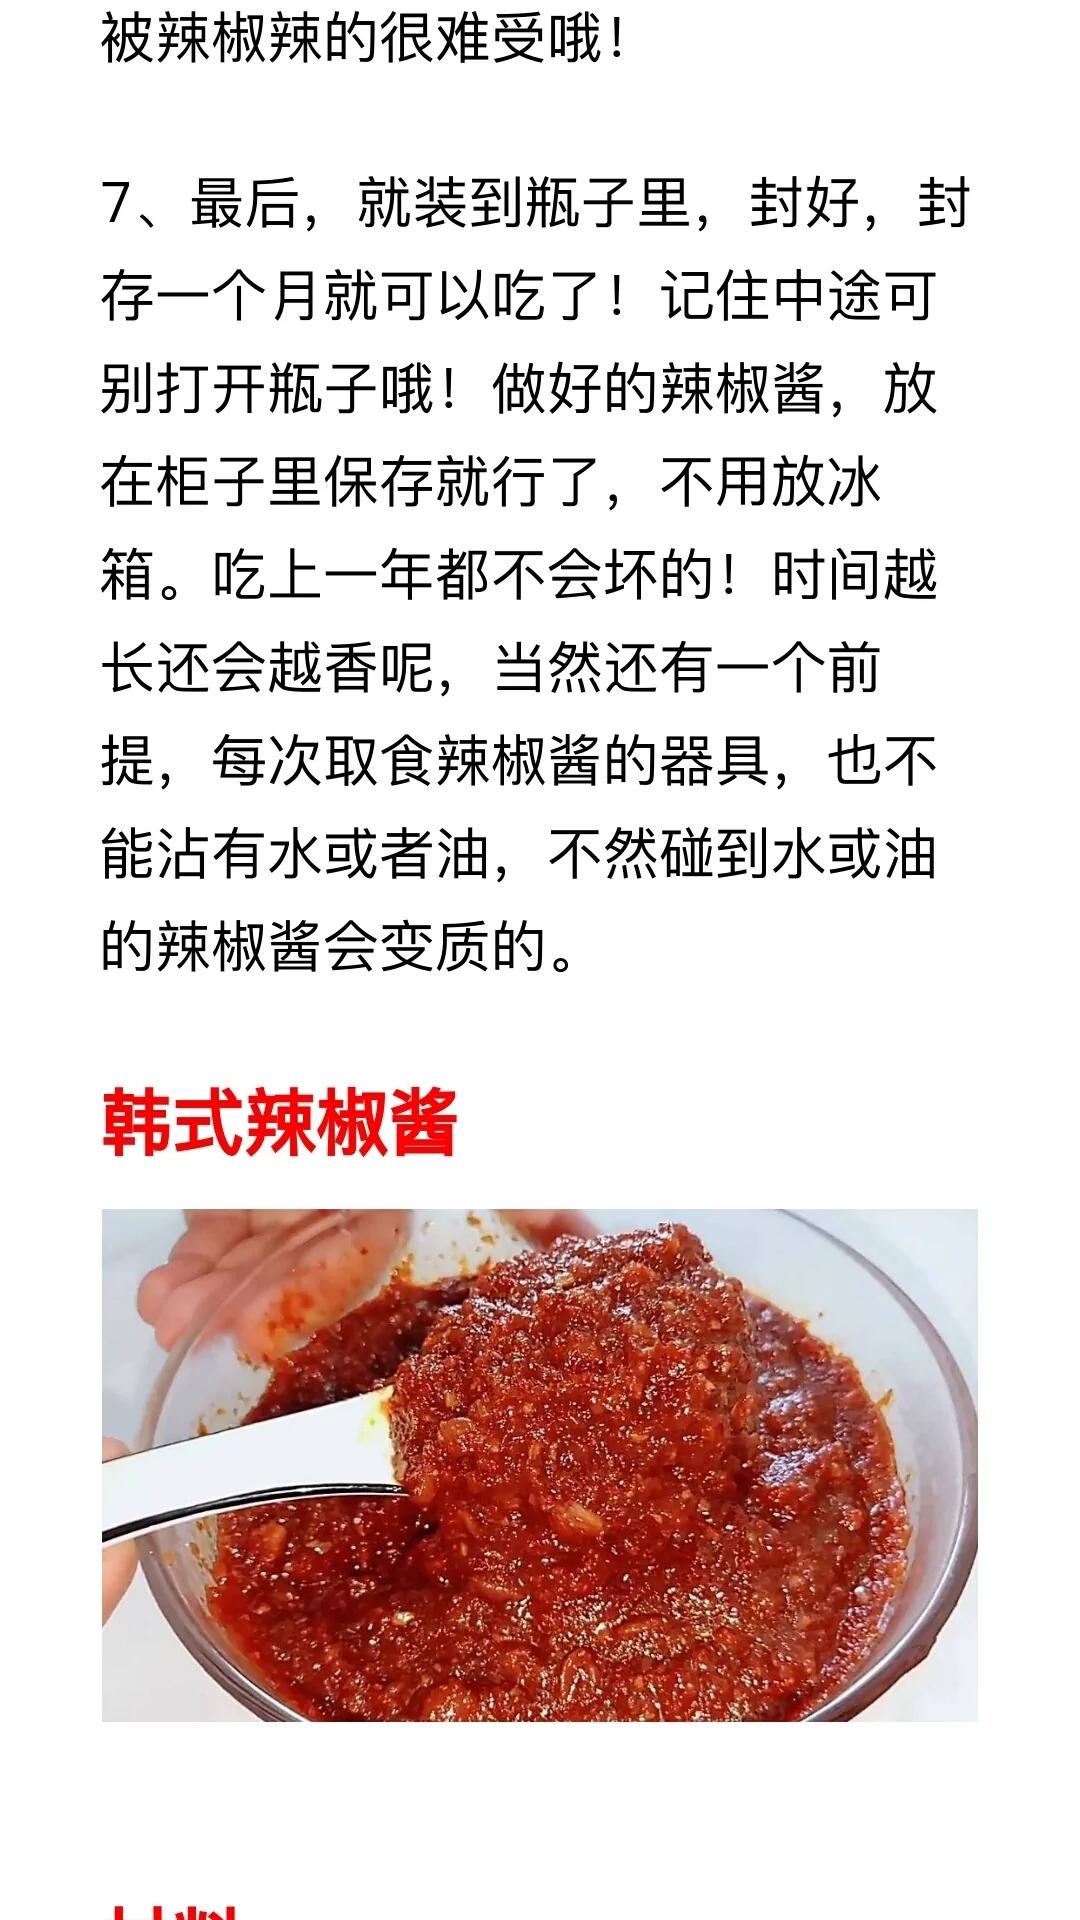 辣椒酱的做法及配料 美食做法 第4张